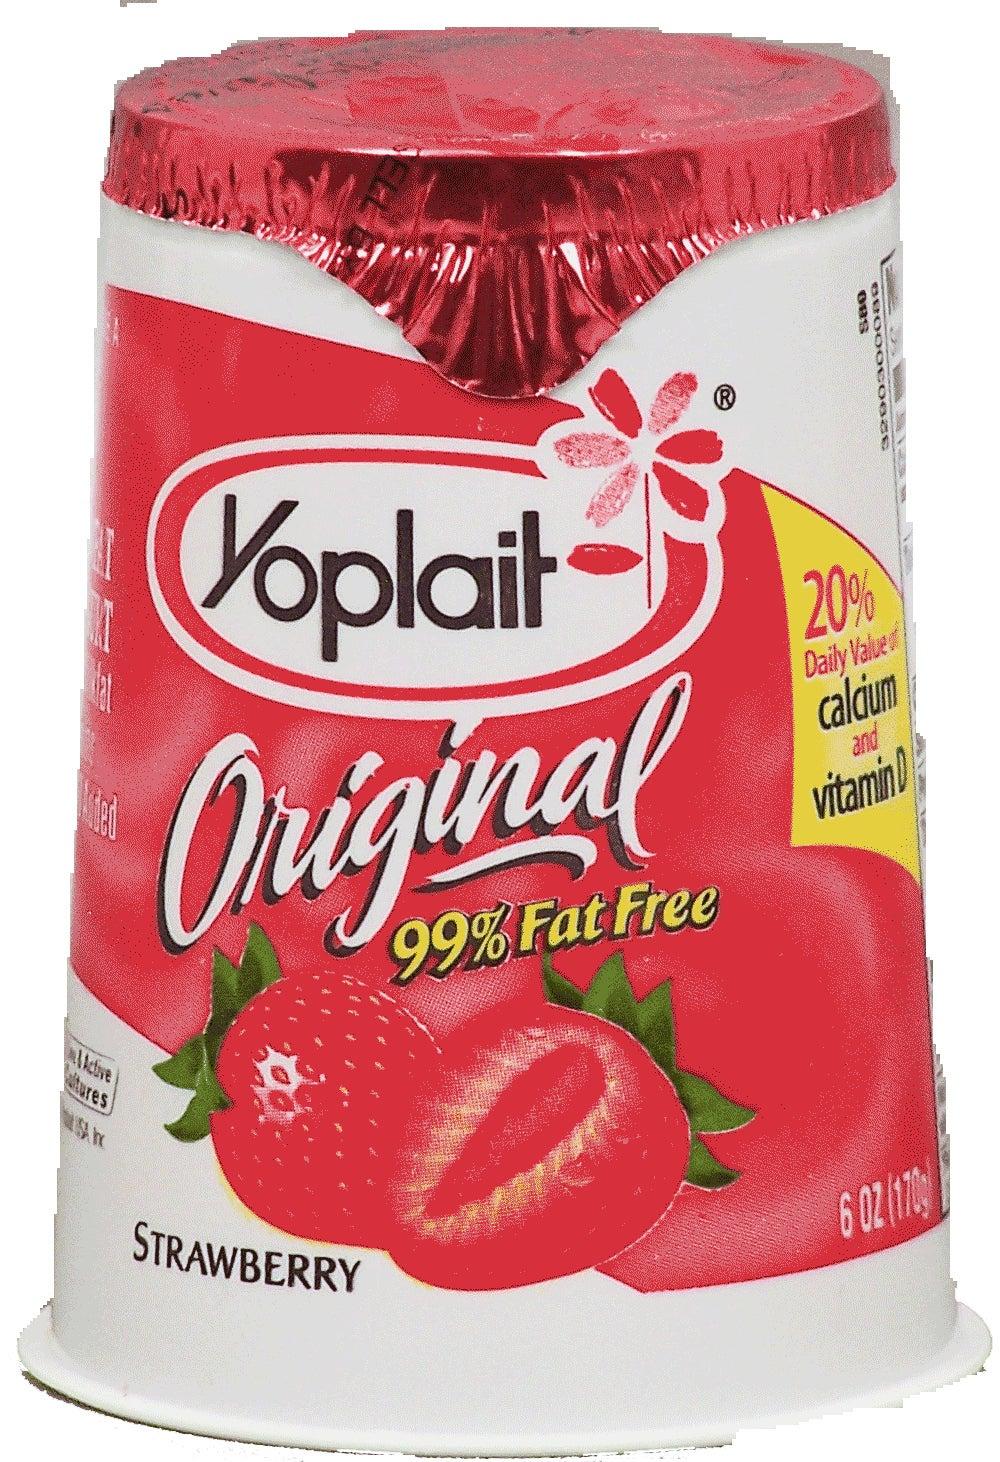 14個讓你再也不敢買的「食品黑暗真相」 紅色產品是用被碾碎的昆蟲製造的!